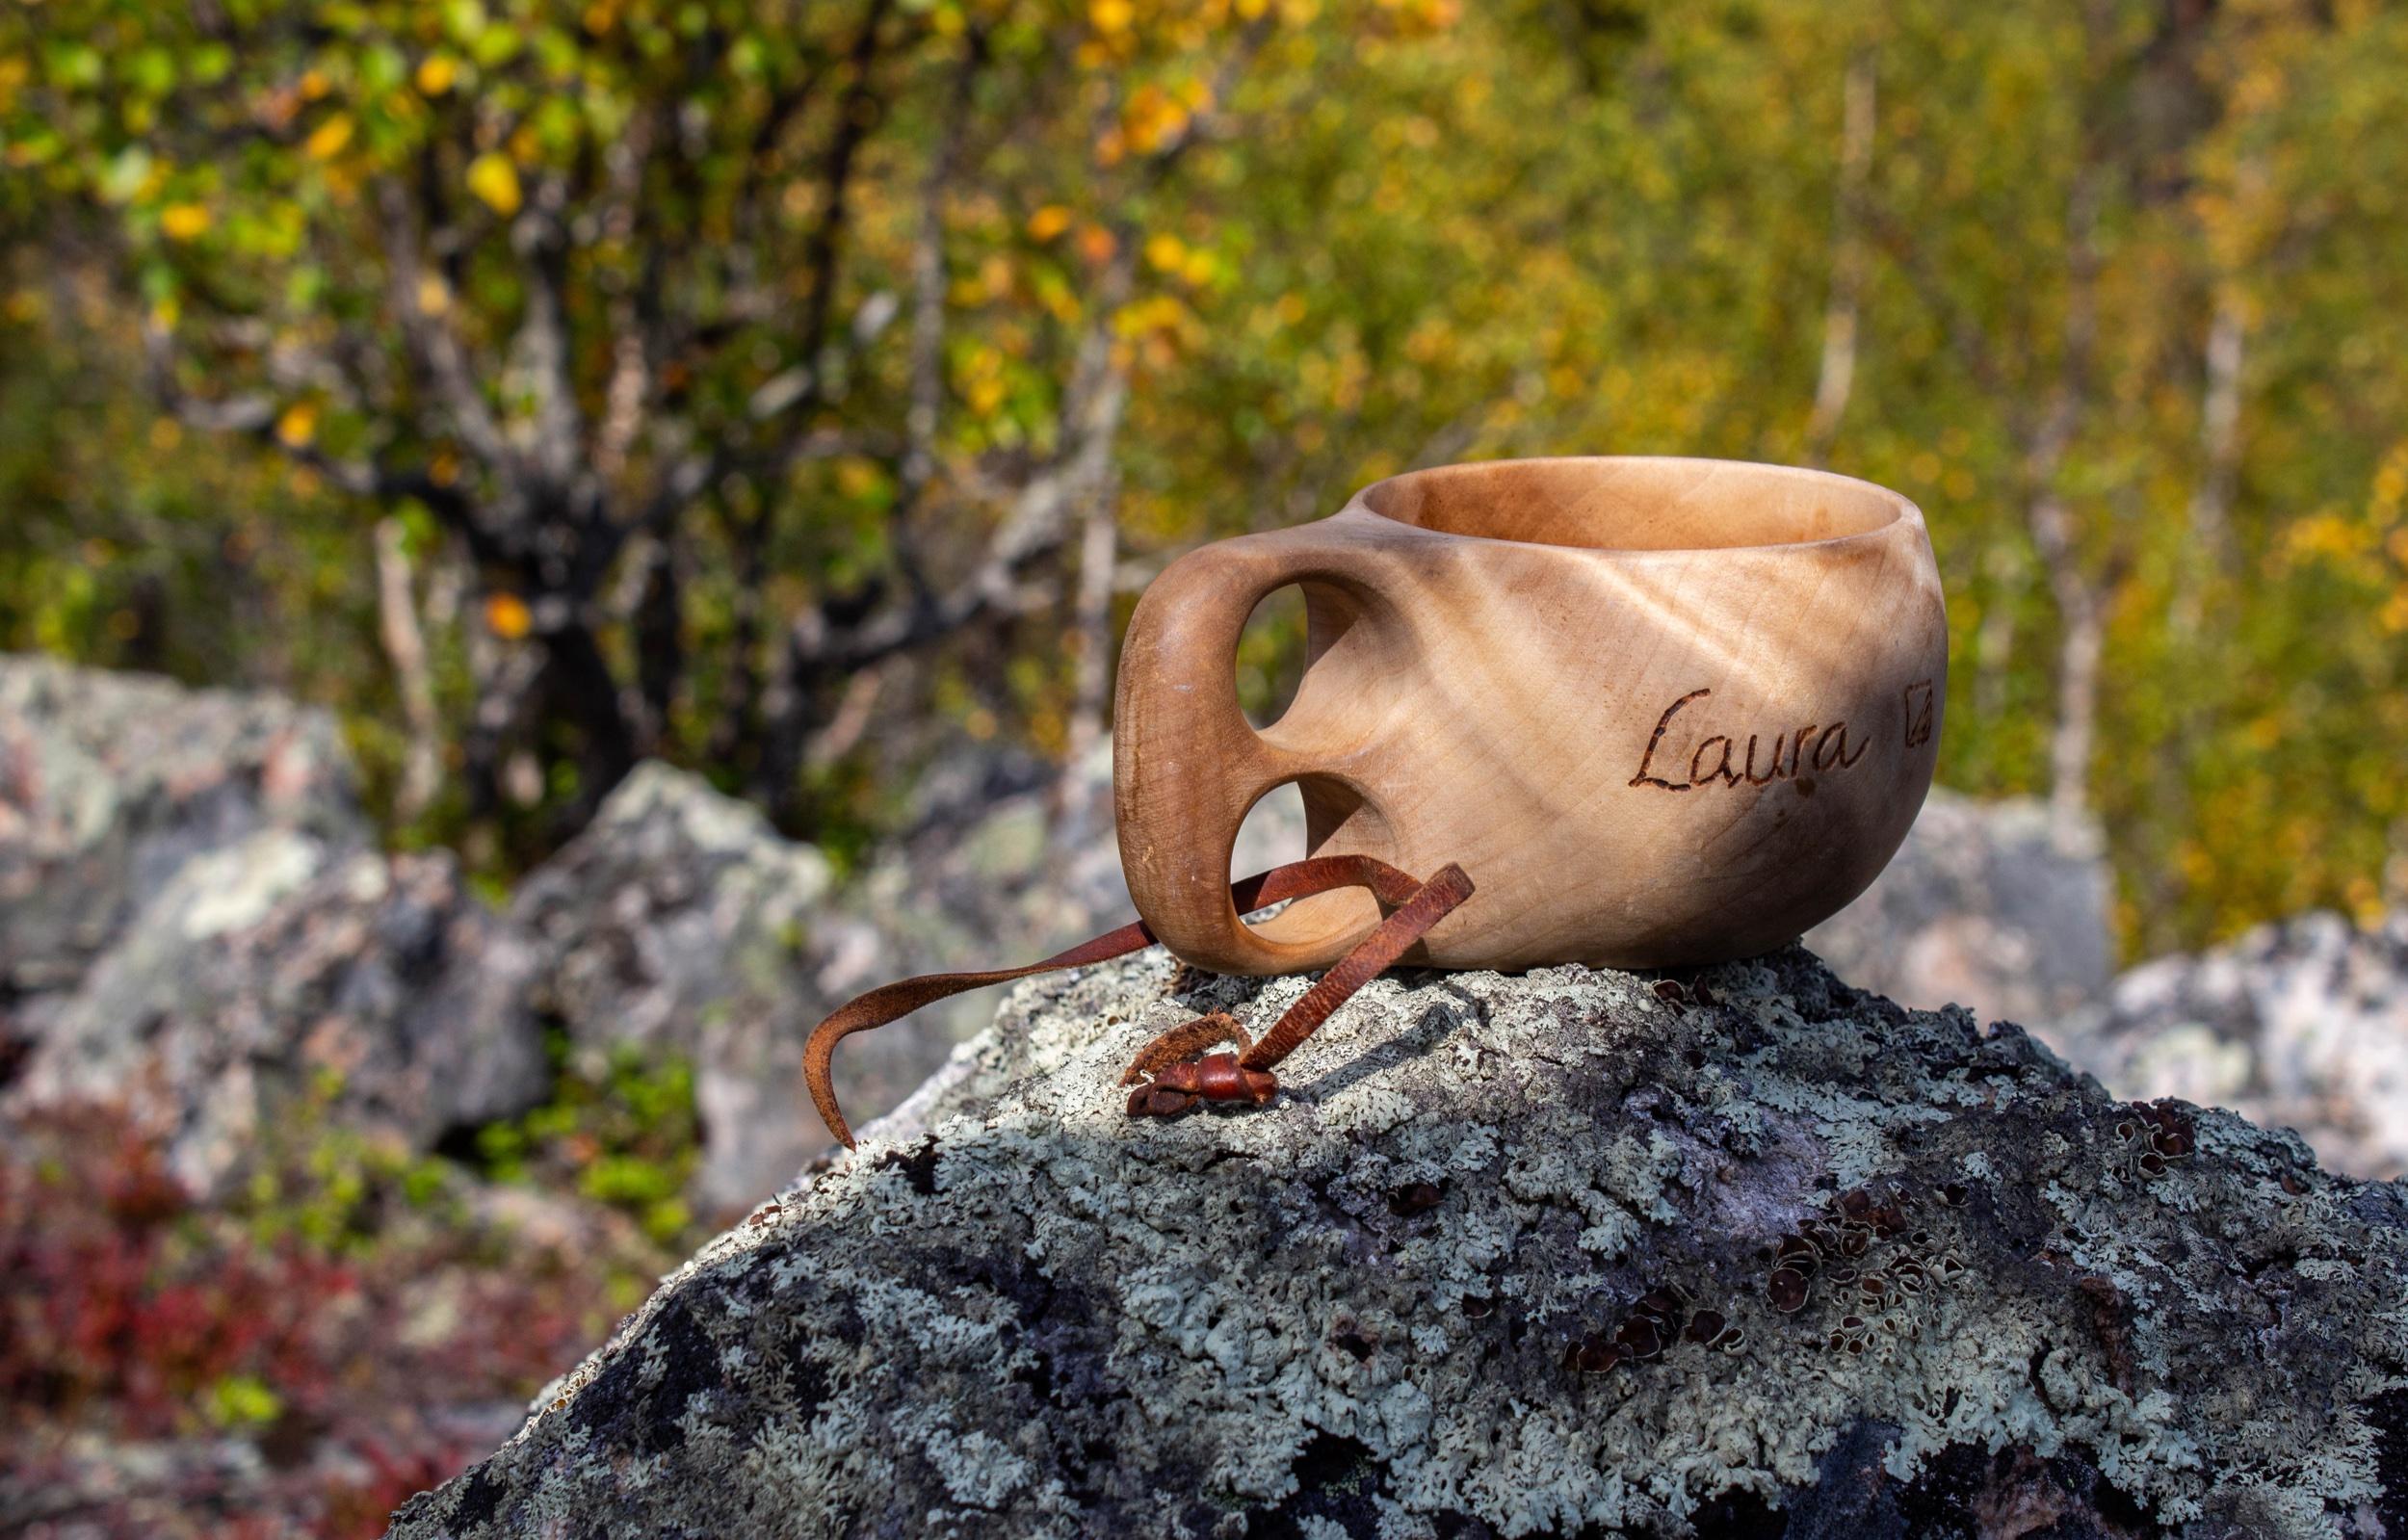 Kuksani on kulkenut mukanani kaikilla kesän retkillä. Siitä on juotu teetä, kahvia ja kuohuviiniäkin eri juhlahetkien kunniaksi. Tällä retkellä skoolattiin kaakaolla Suomen luonnon päivän kunniaksi.